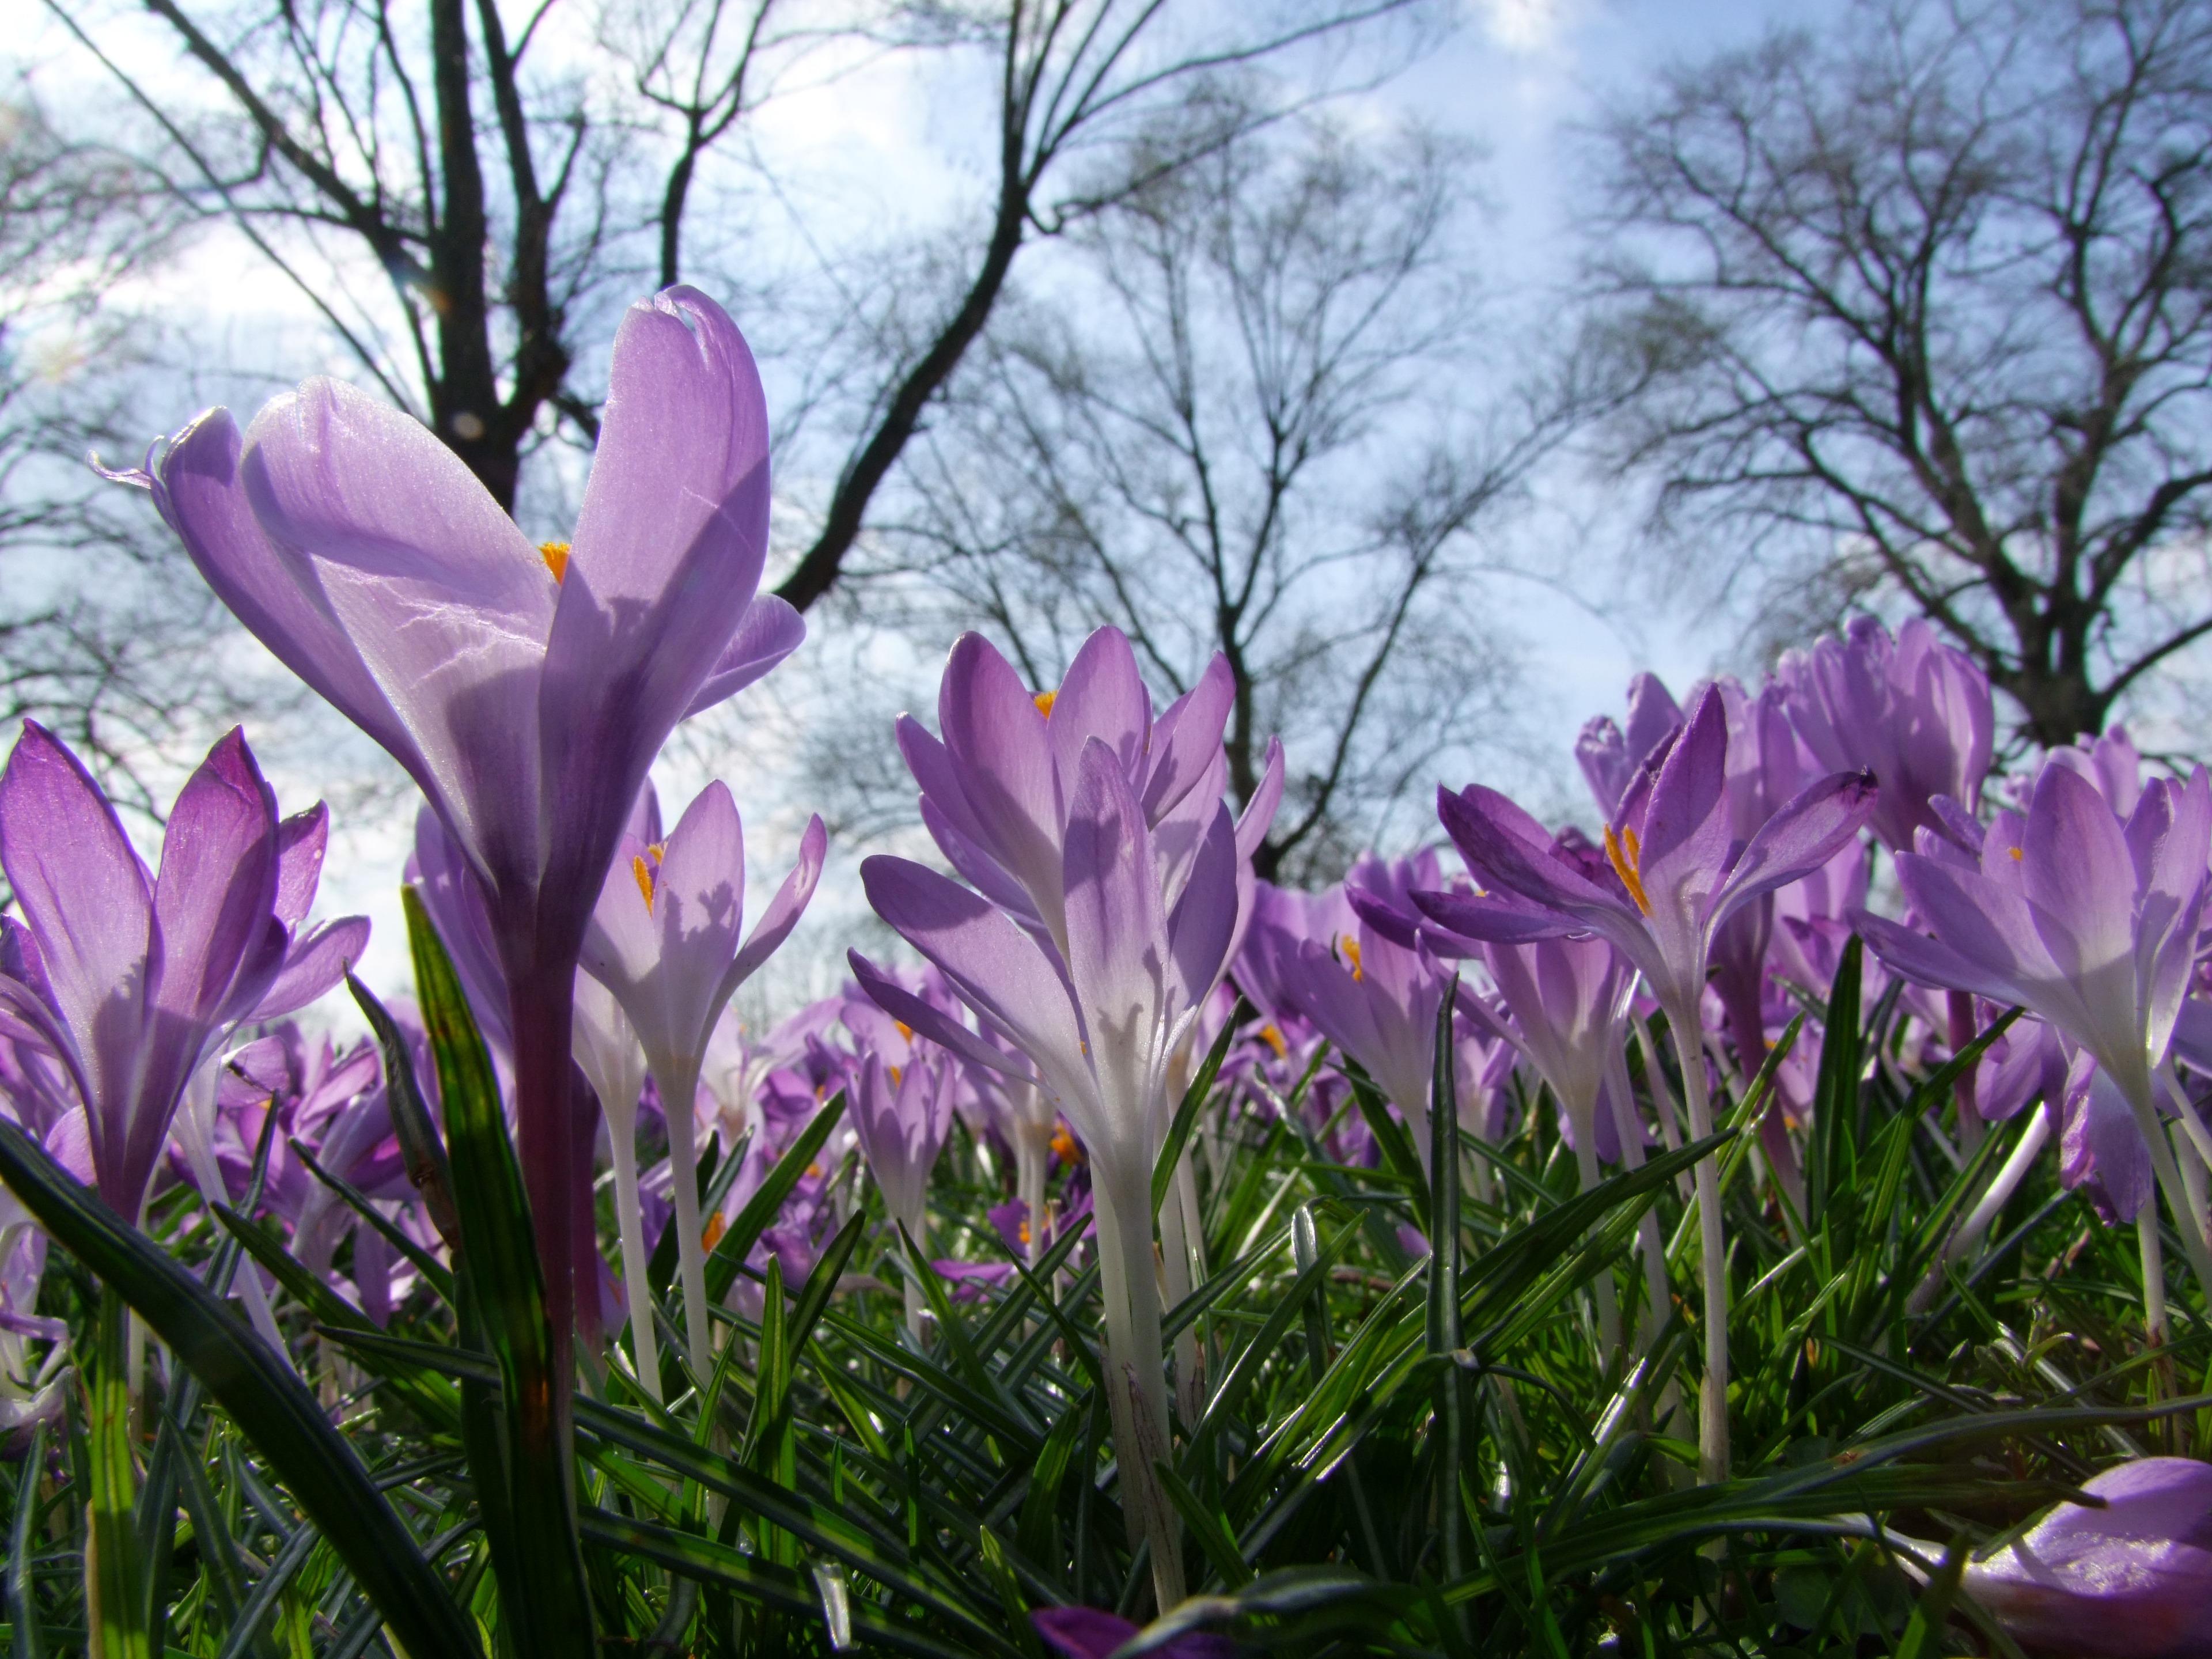 Free Images Blossom Petal Spring Park Botany Flora